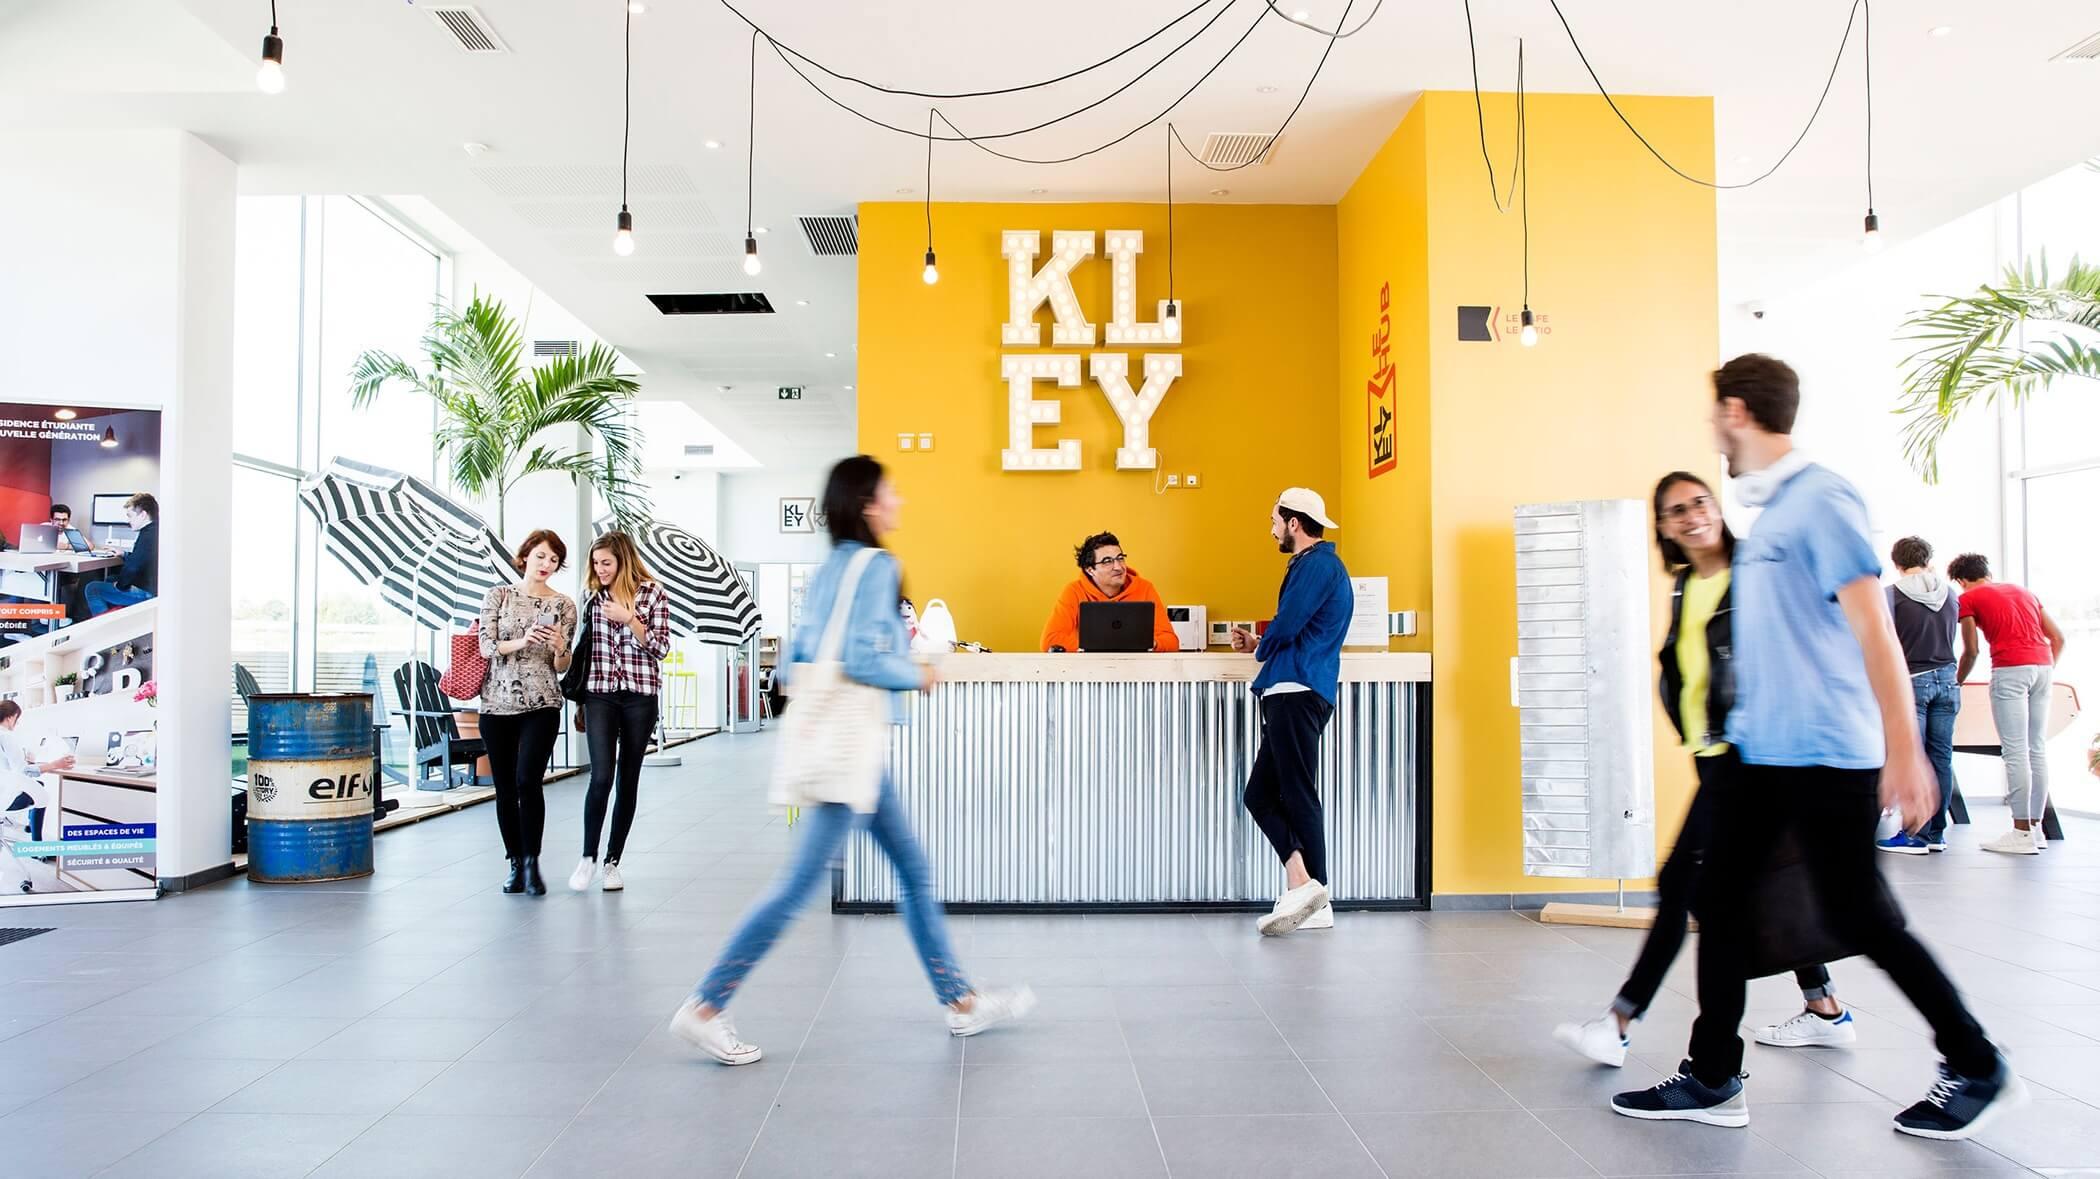 Résidence étudiante Kley